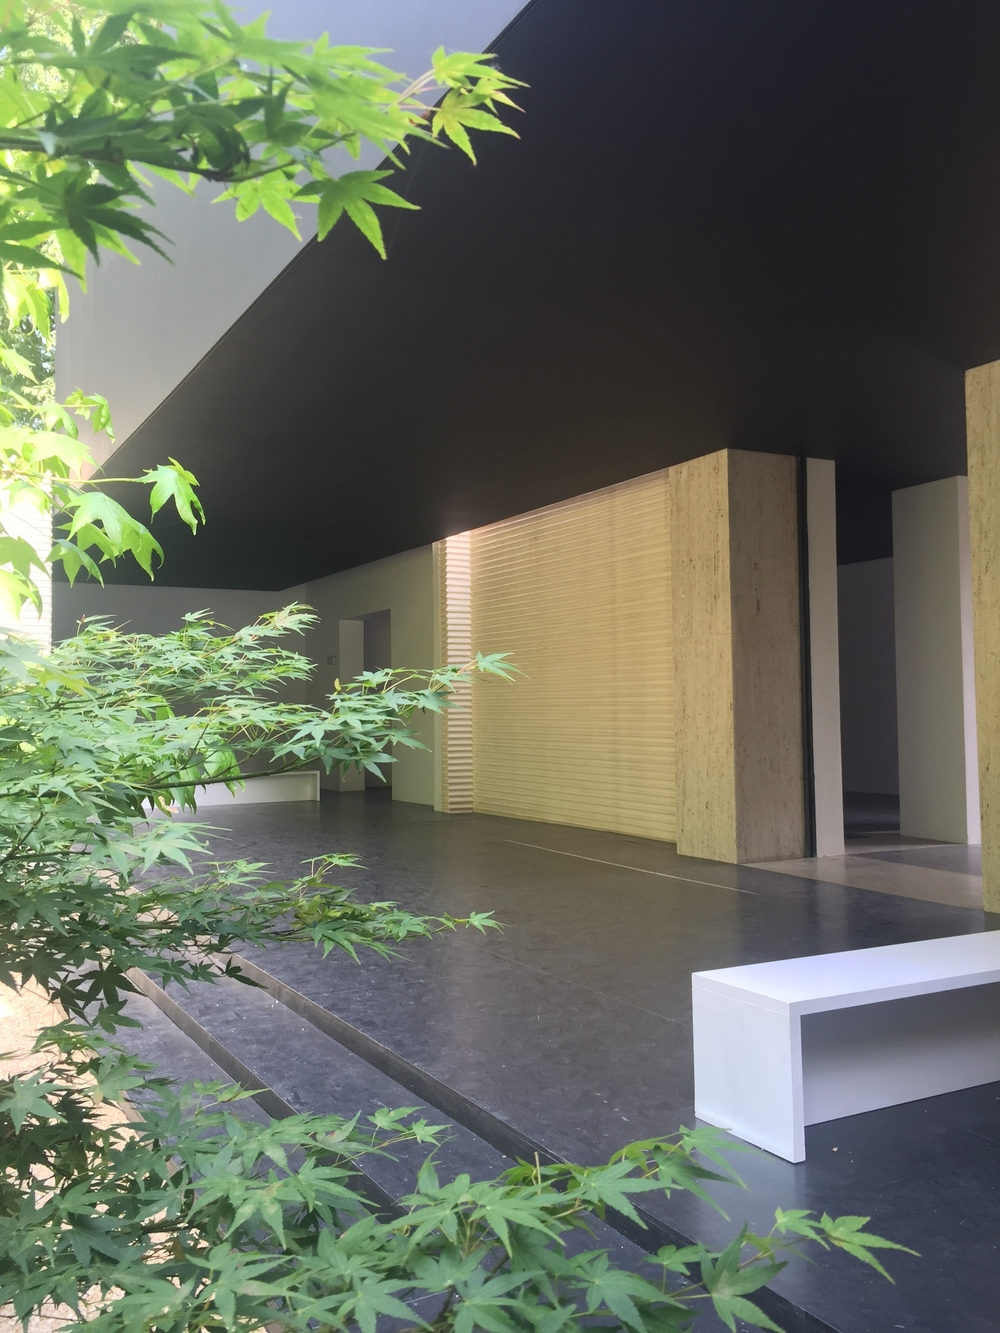 Austria's pavilion